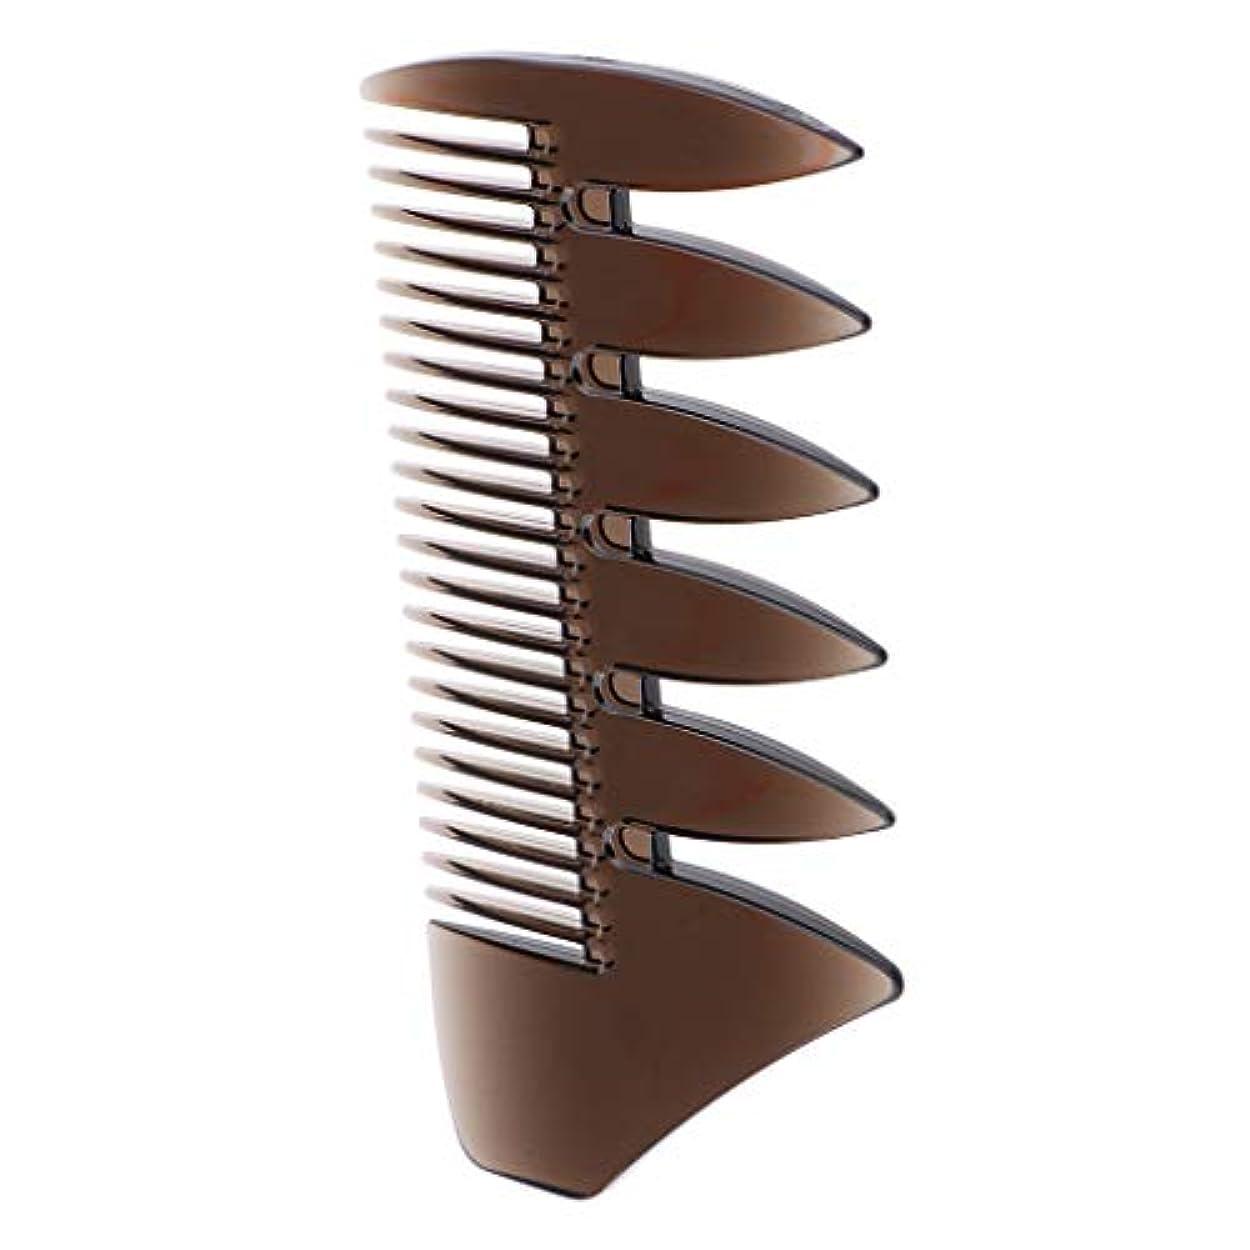 適応する不誠実肌寒いヘアブラシ ヘアダイコーム ハイライト ヘアカラーリング用櫛 セクショニング ヘアケア 柔軟性